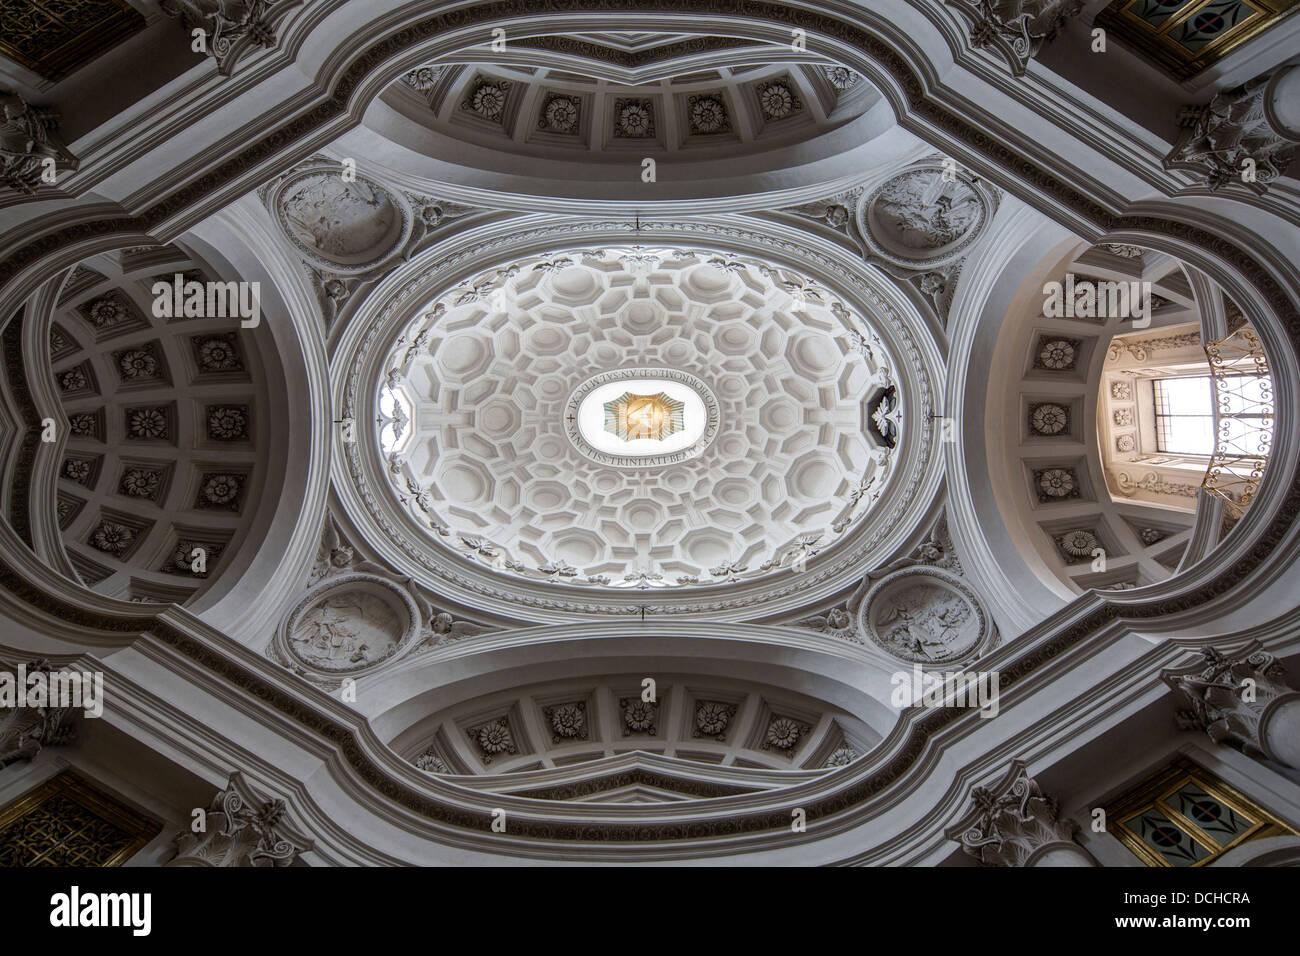 interior of dome, Church of San Carlo alle Quattro Fontane ...